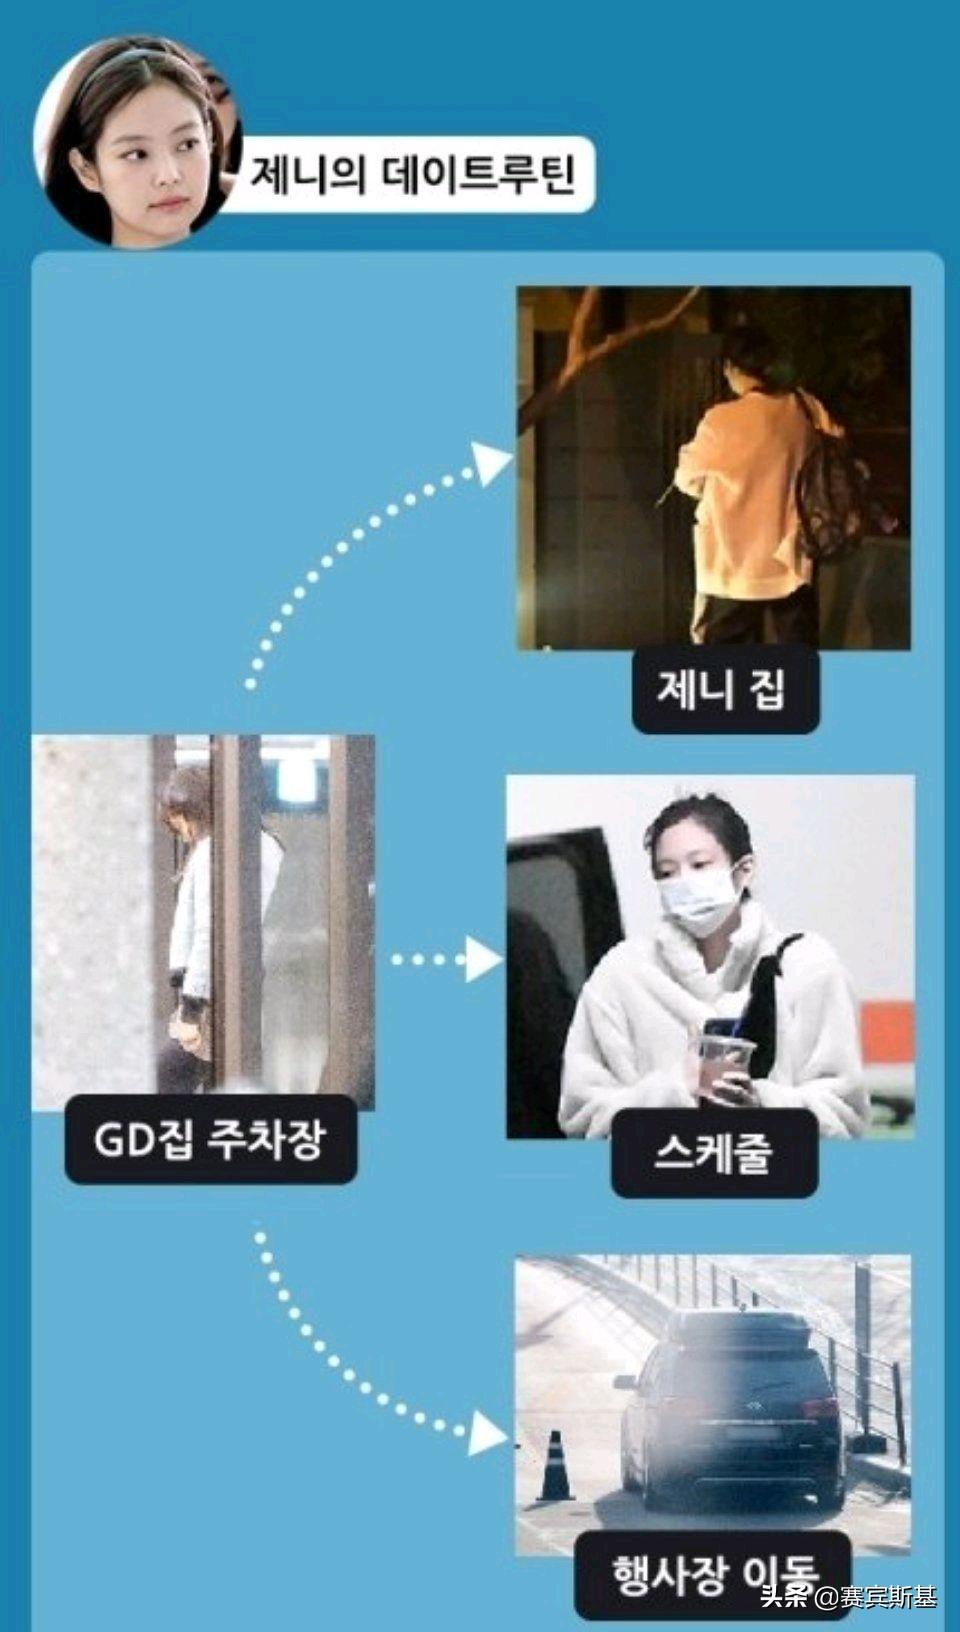 权志龙JENNIE曝出已恋爱一年 YG娱乐回应没否认